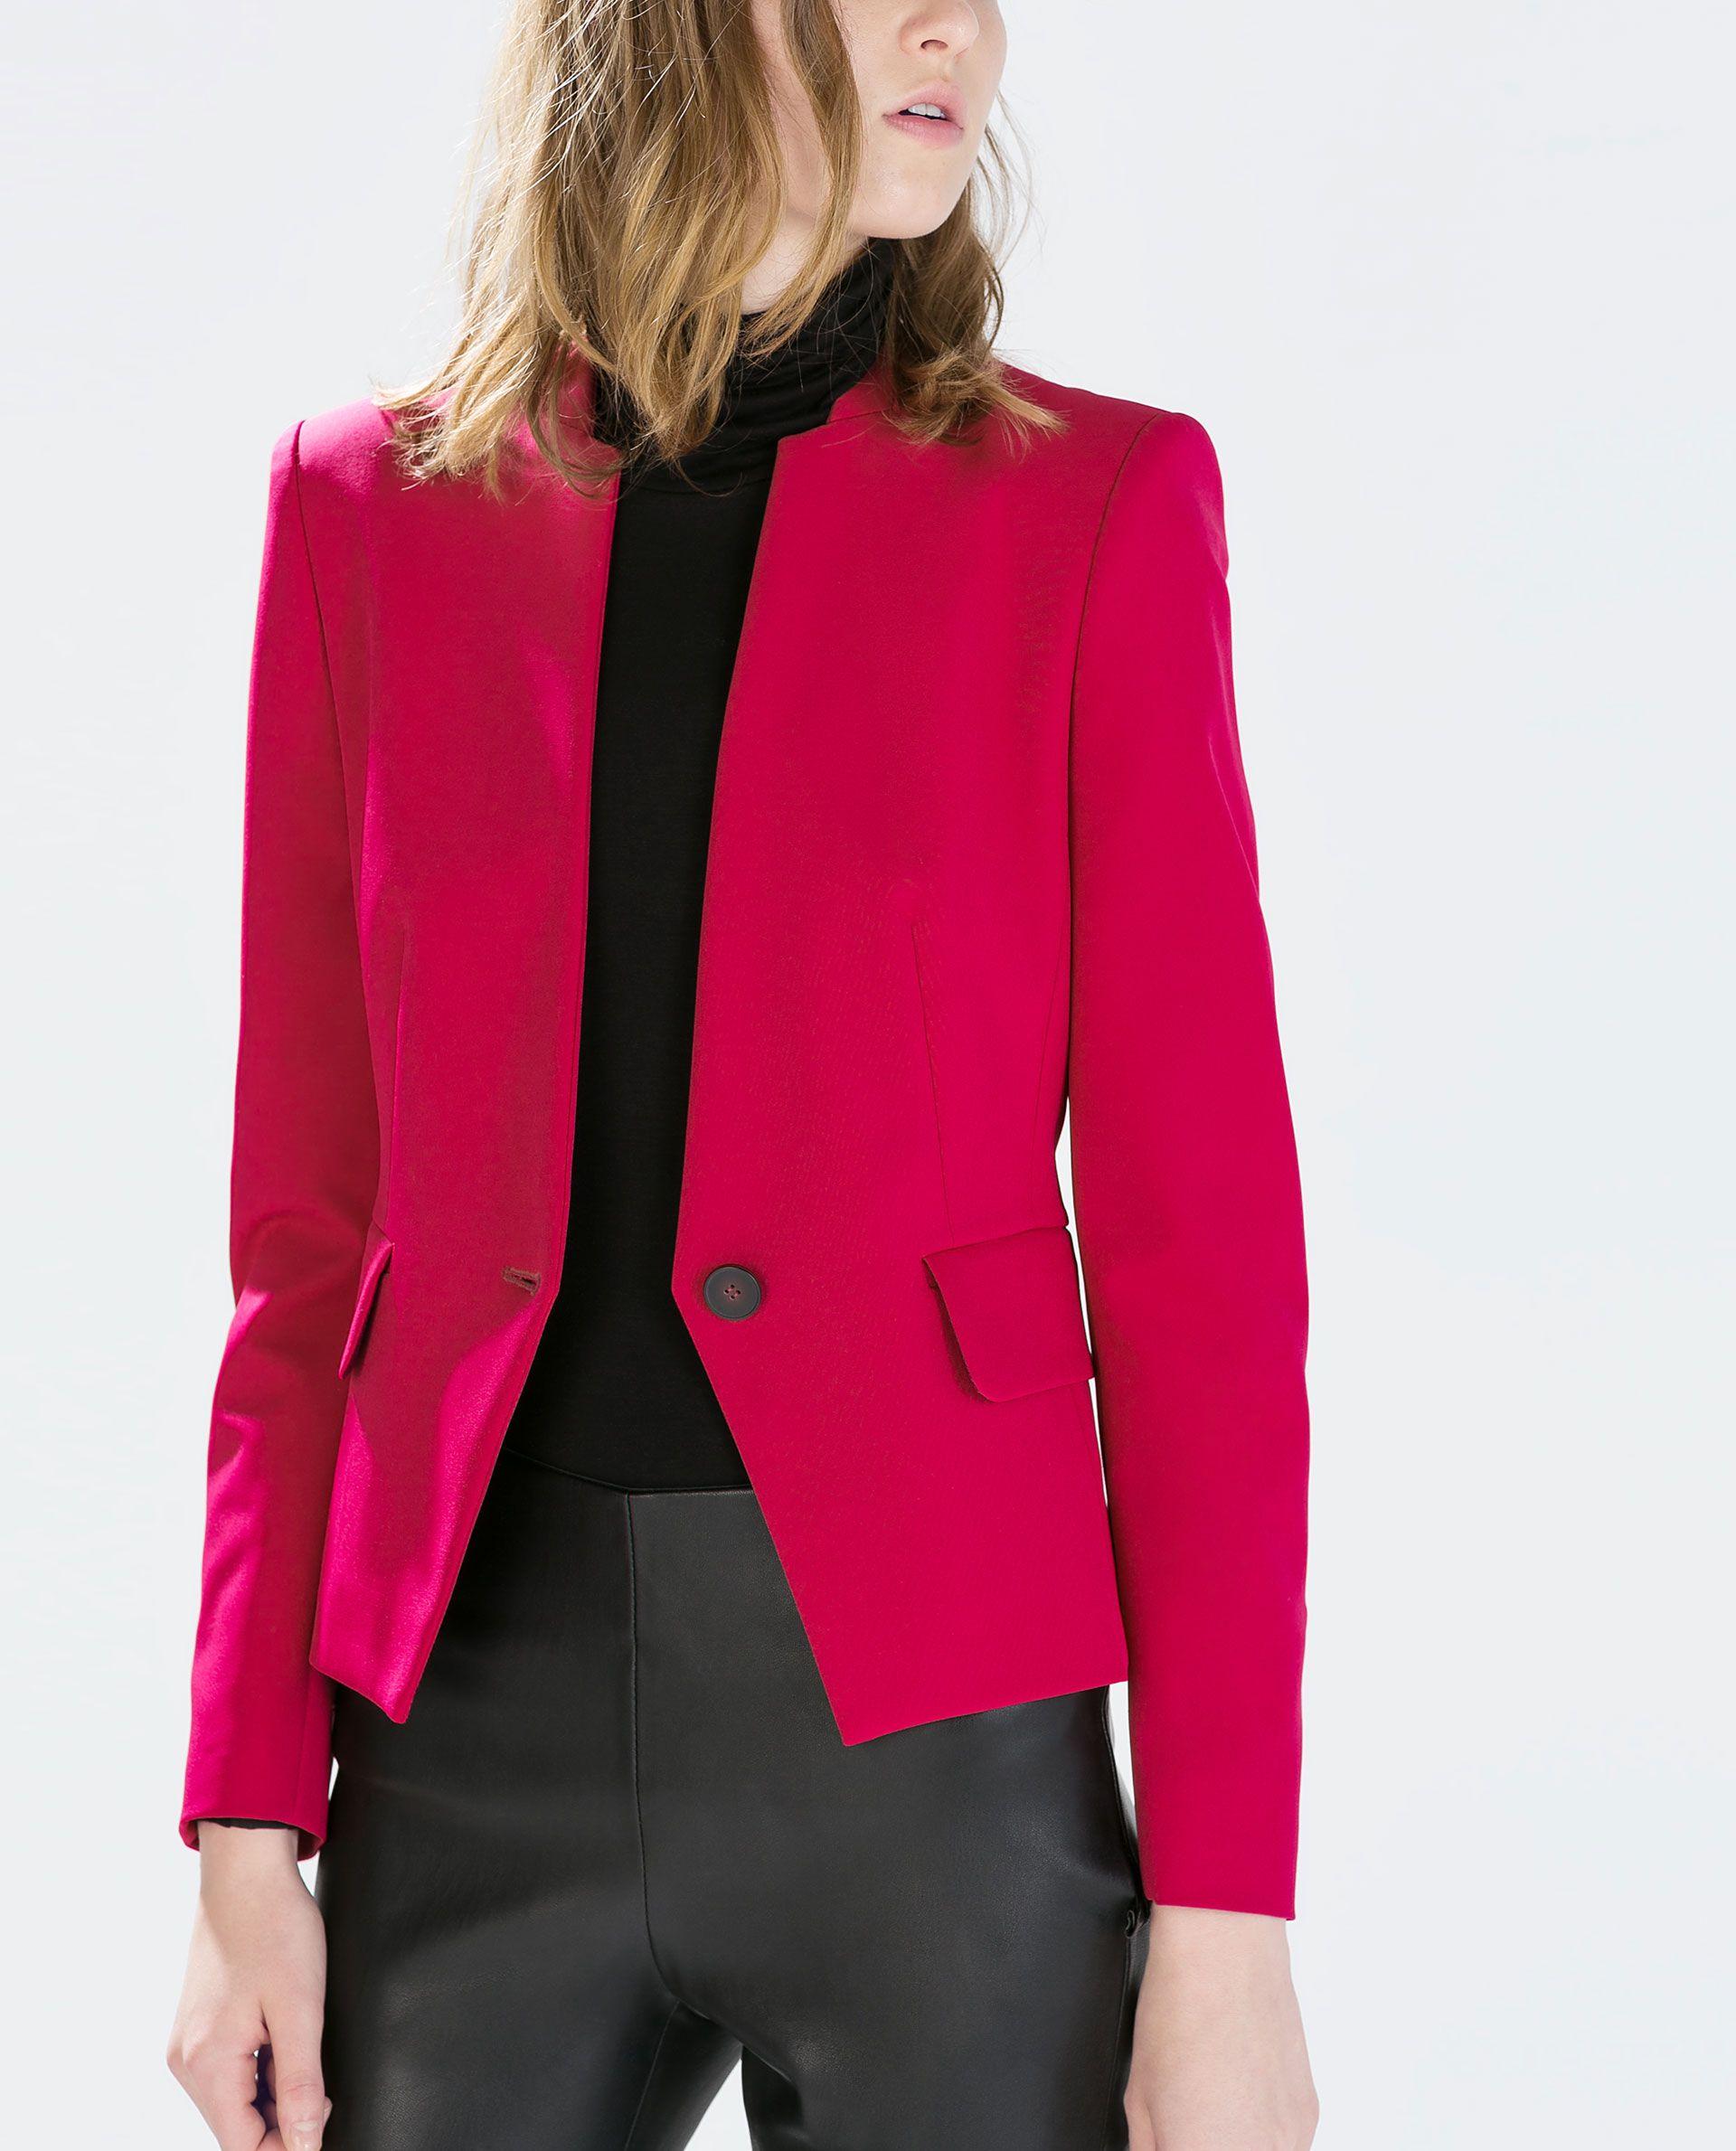 ZaraBlazers WomenOuterwear From Magenta For Blazer RAL54j